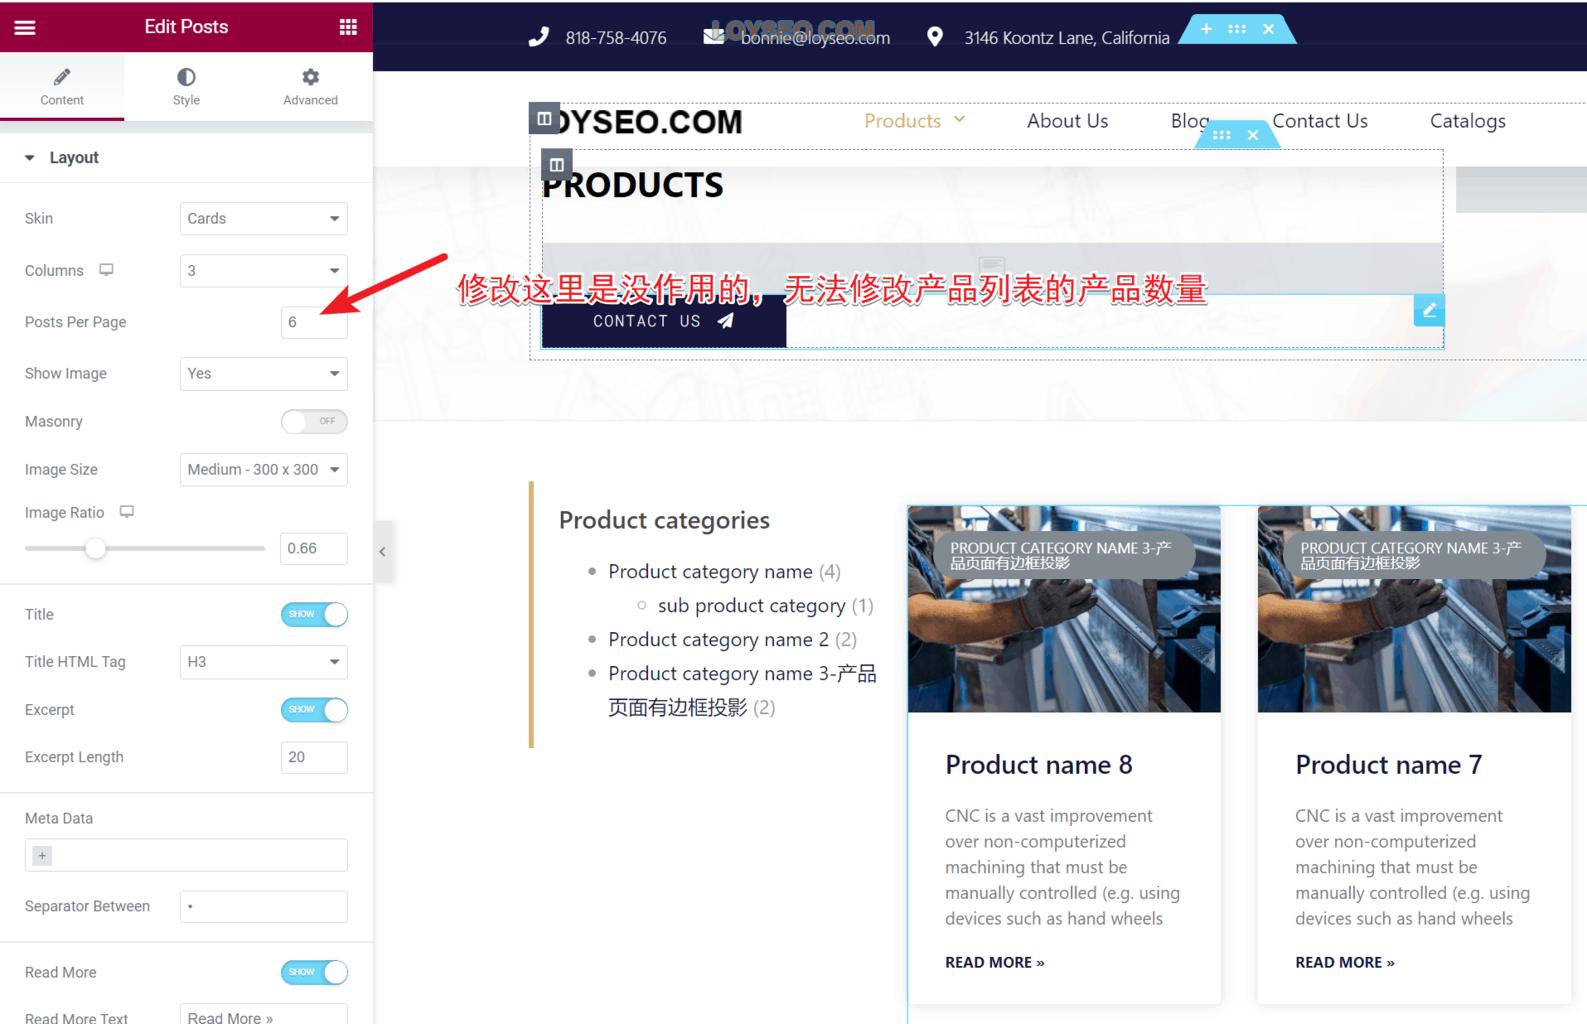 image 75 - 如何设置产品列表中每页展示的产品数量